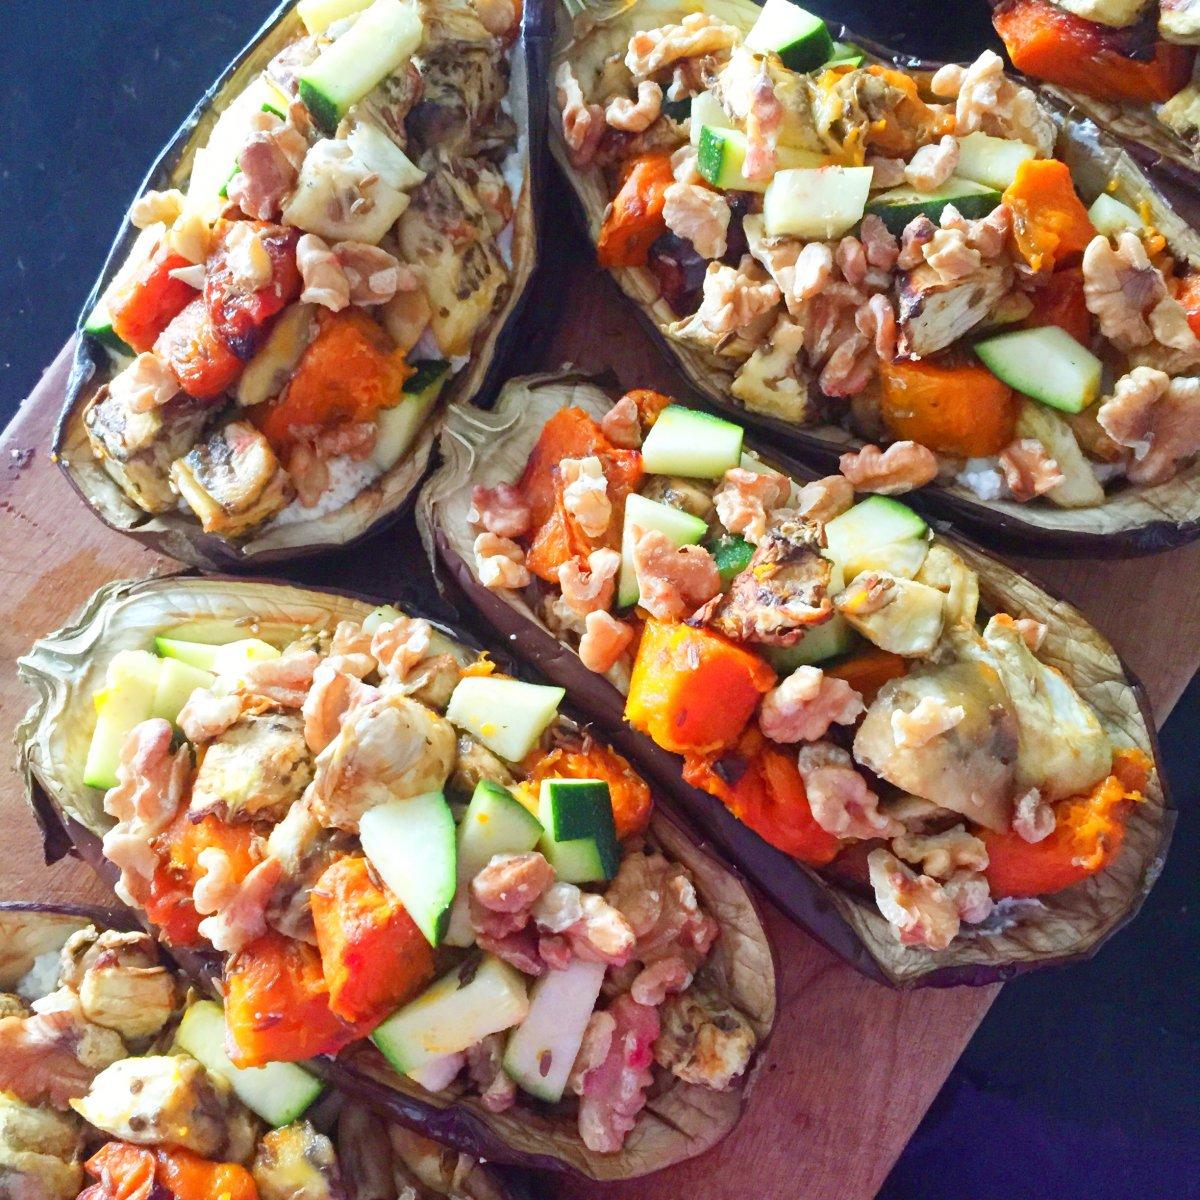 stuffed_eggplant.jpg